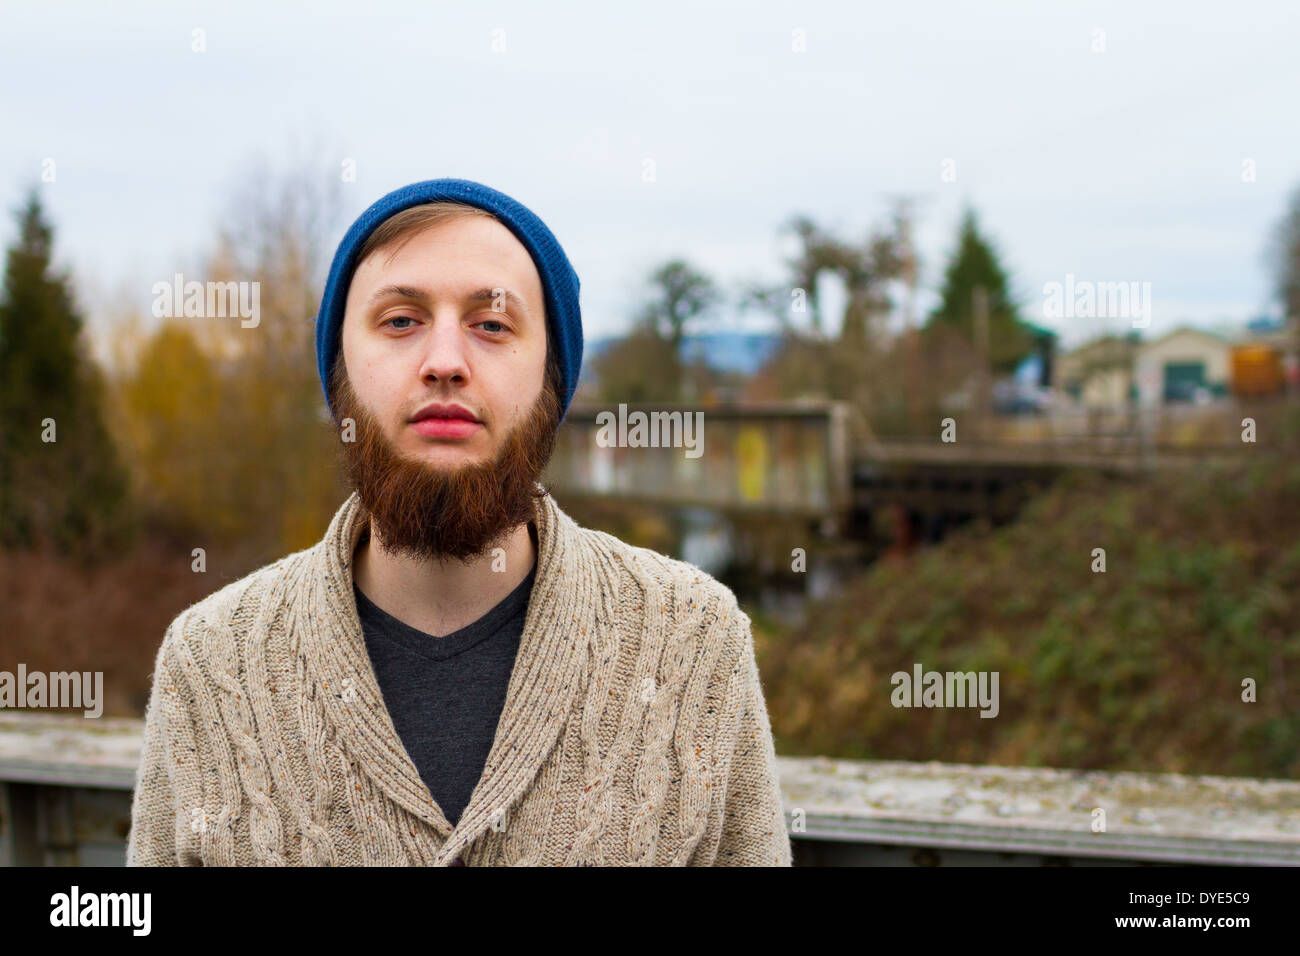 Hipster guy mostrando moda masculina moderna en este retrato de moda. Imagen De Stock